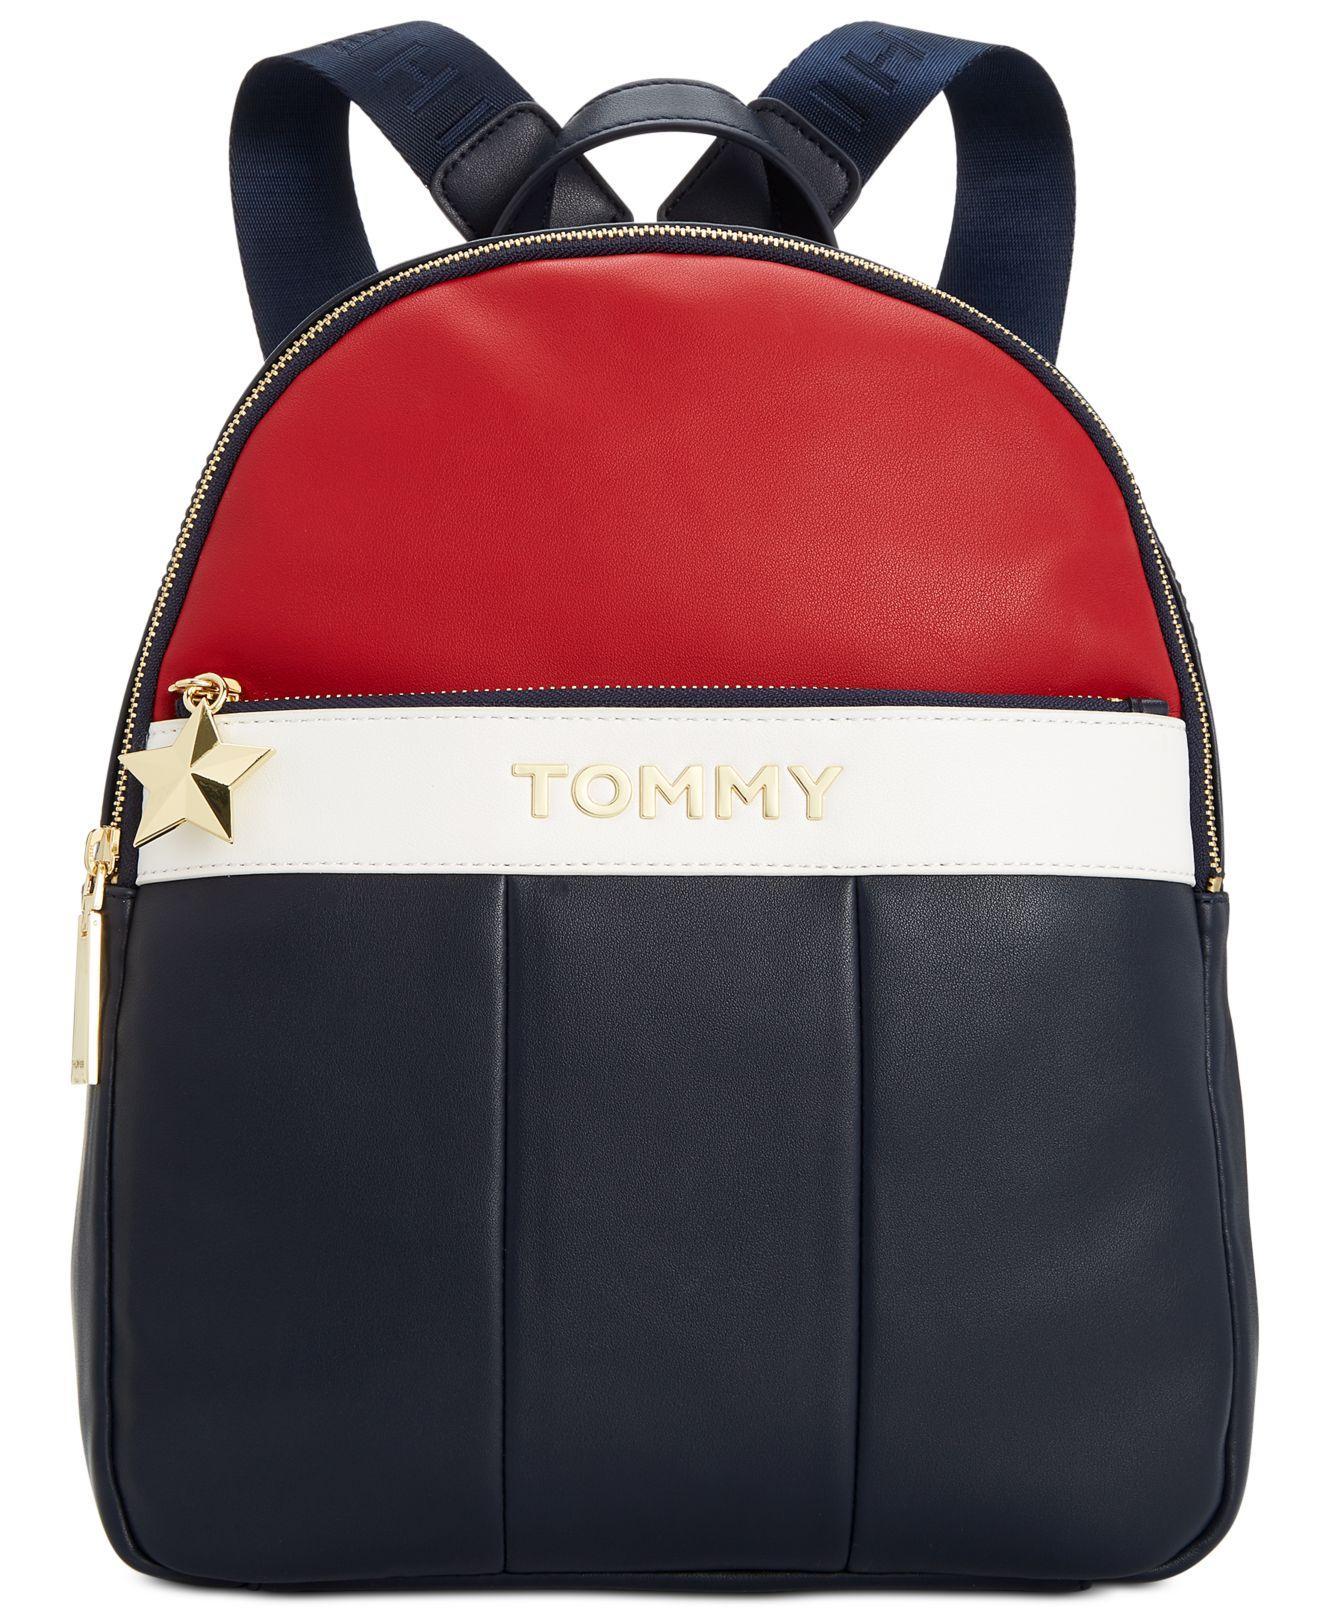 Hobo International Peyton Bucket Backpack